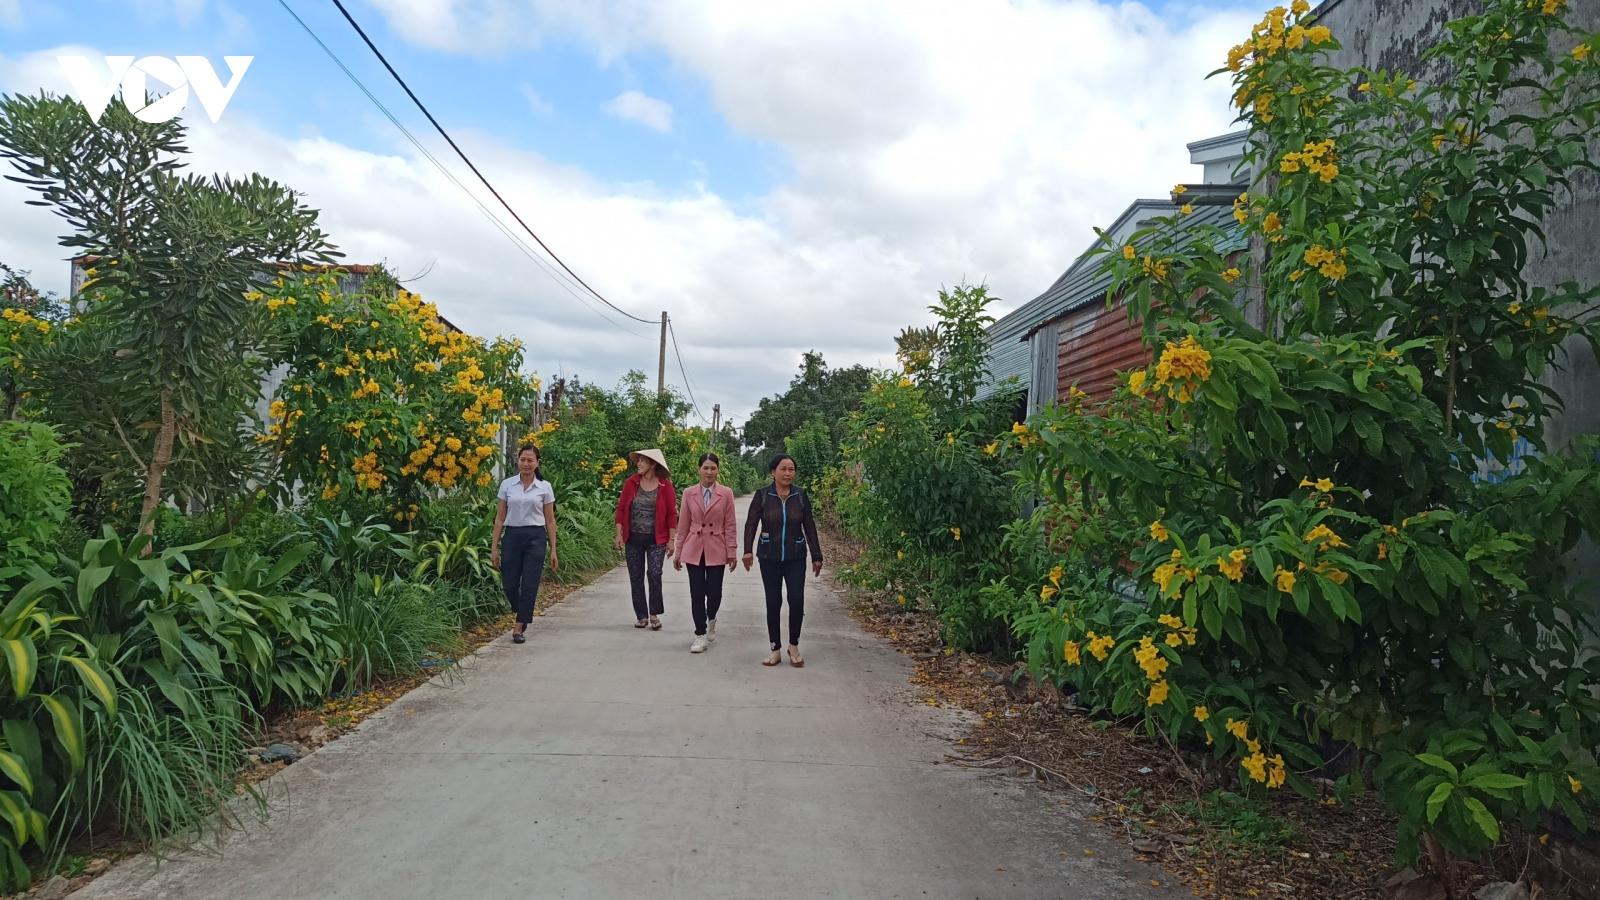 Nông thôn mới mang lại diện mạo mới cho buôn làng Tây Nguyên